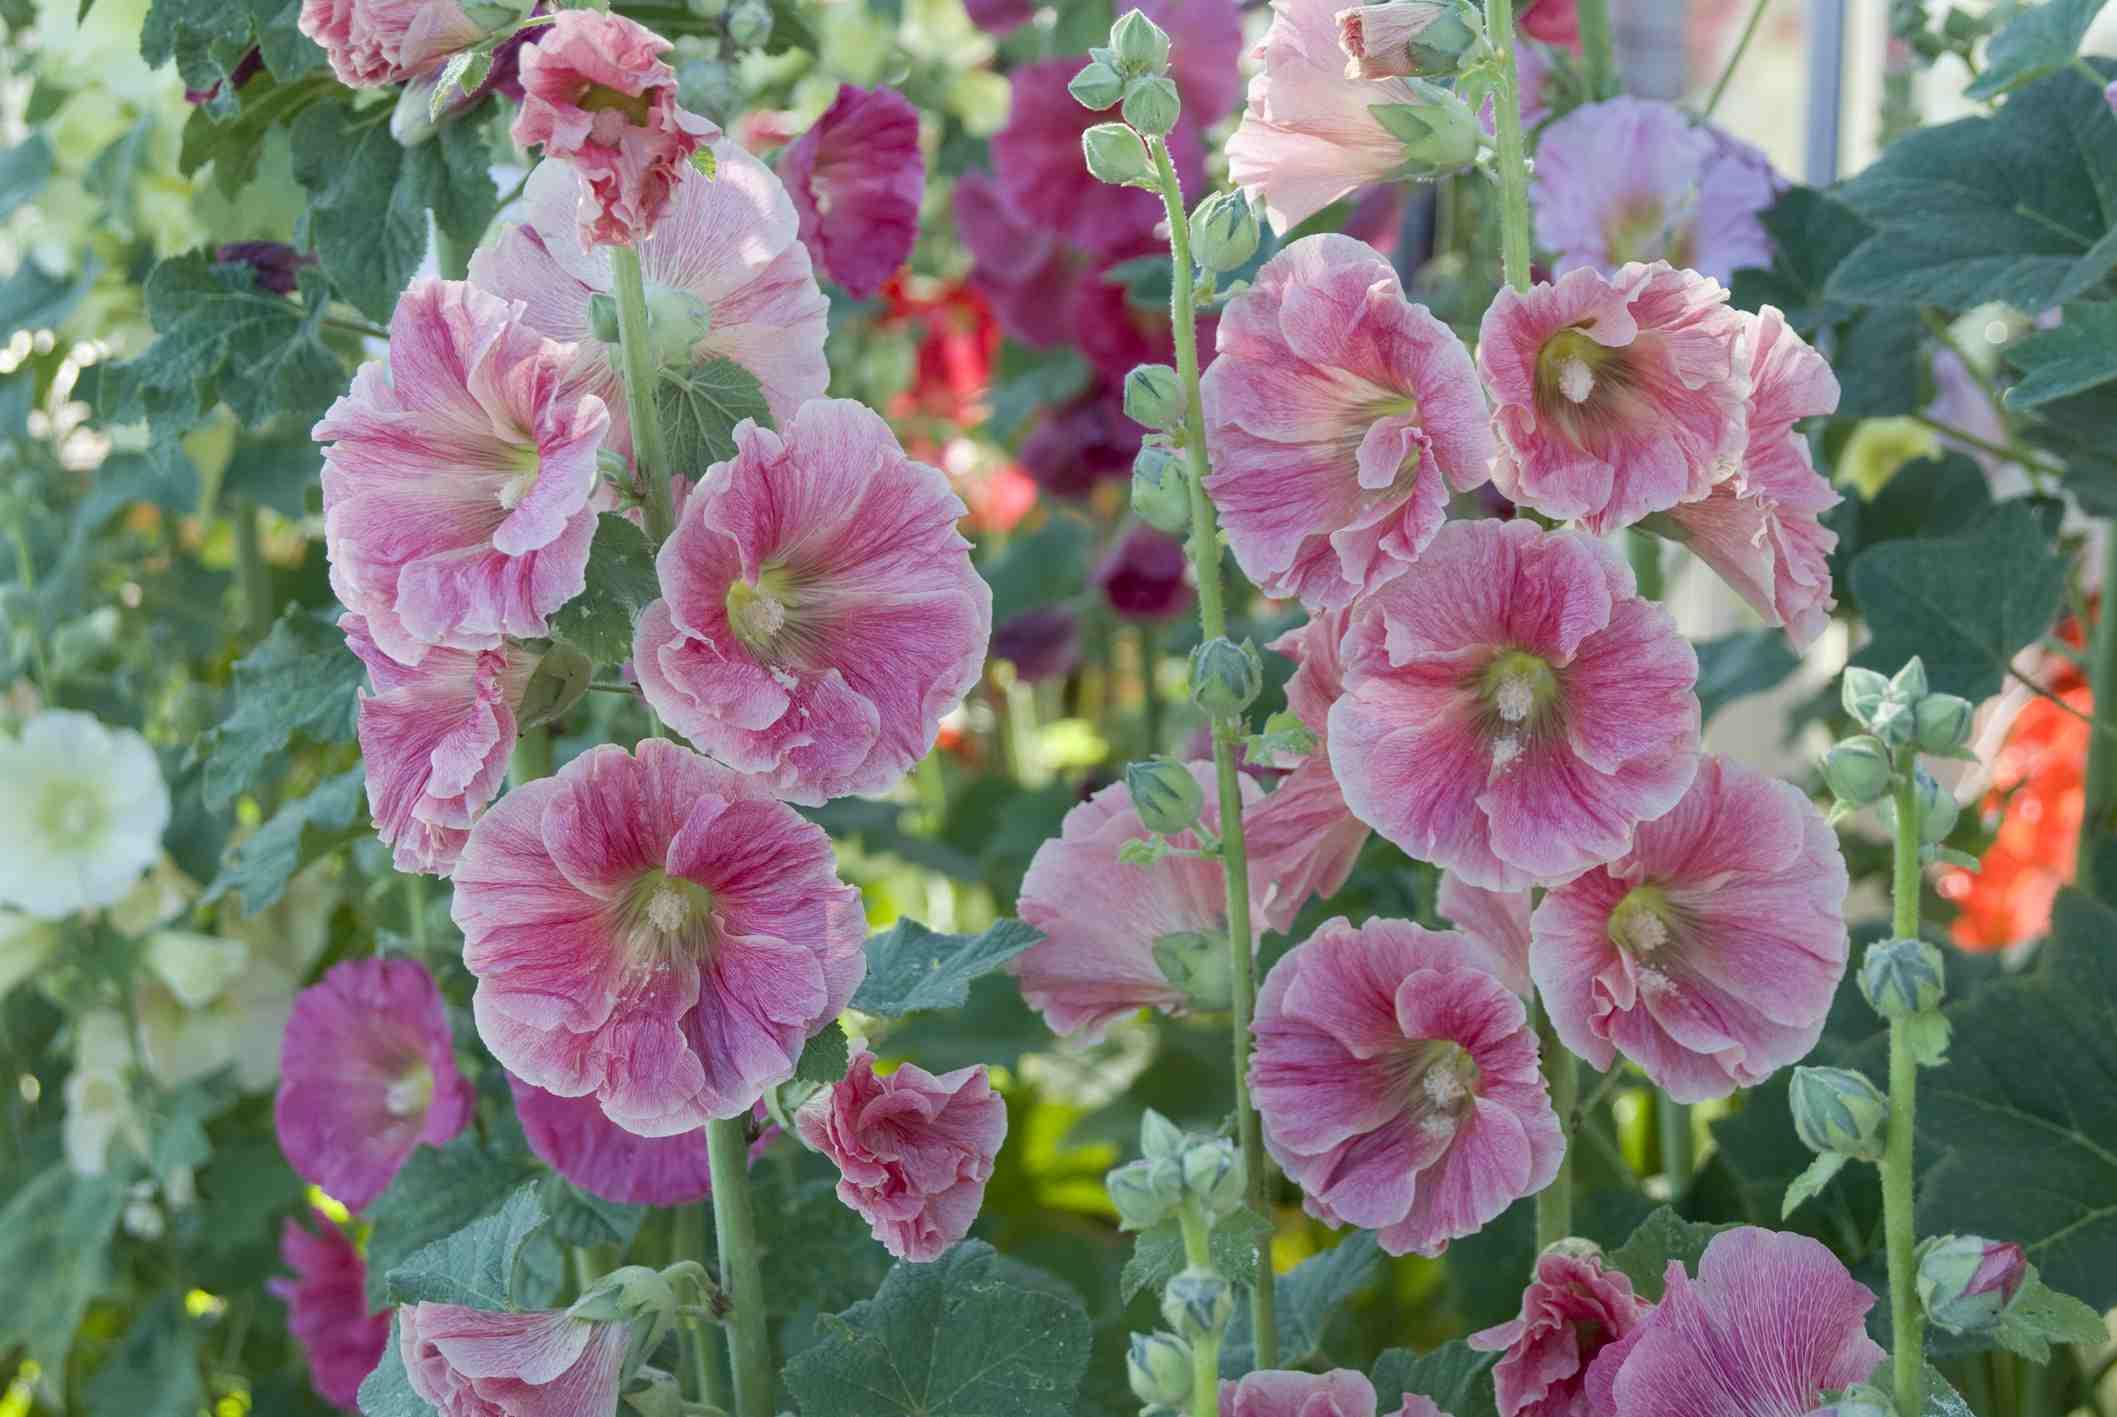 Pink hollyhocks in bloom.